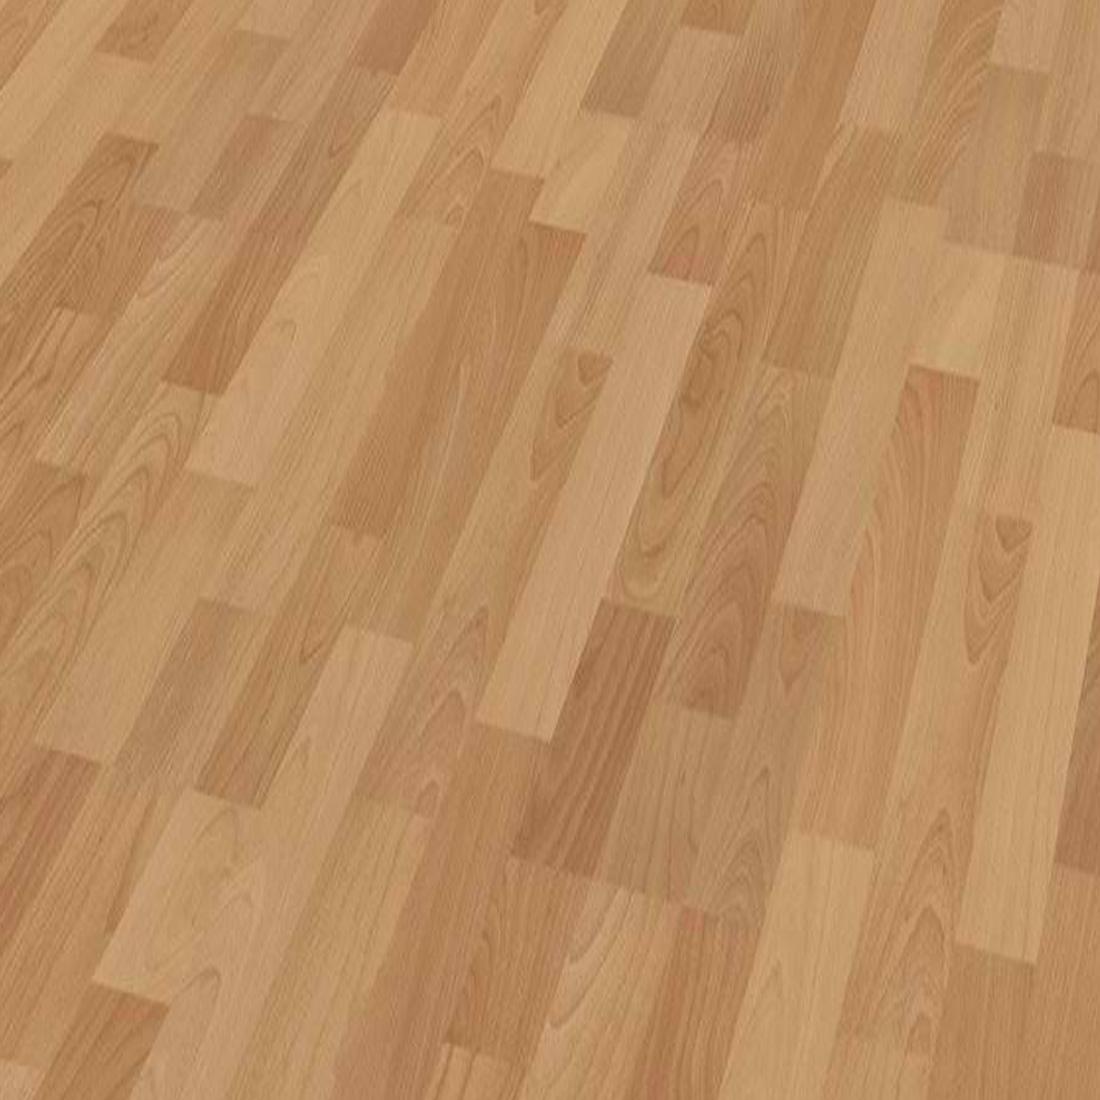 Fabelhaft Laminat Roller Bestand An Wohndesign Dekoration